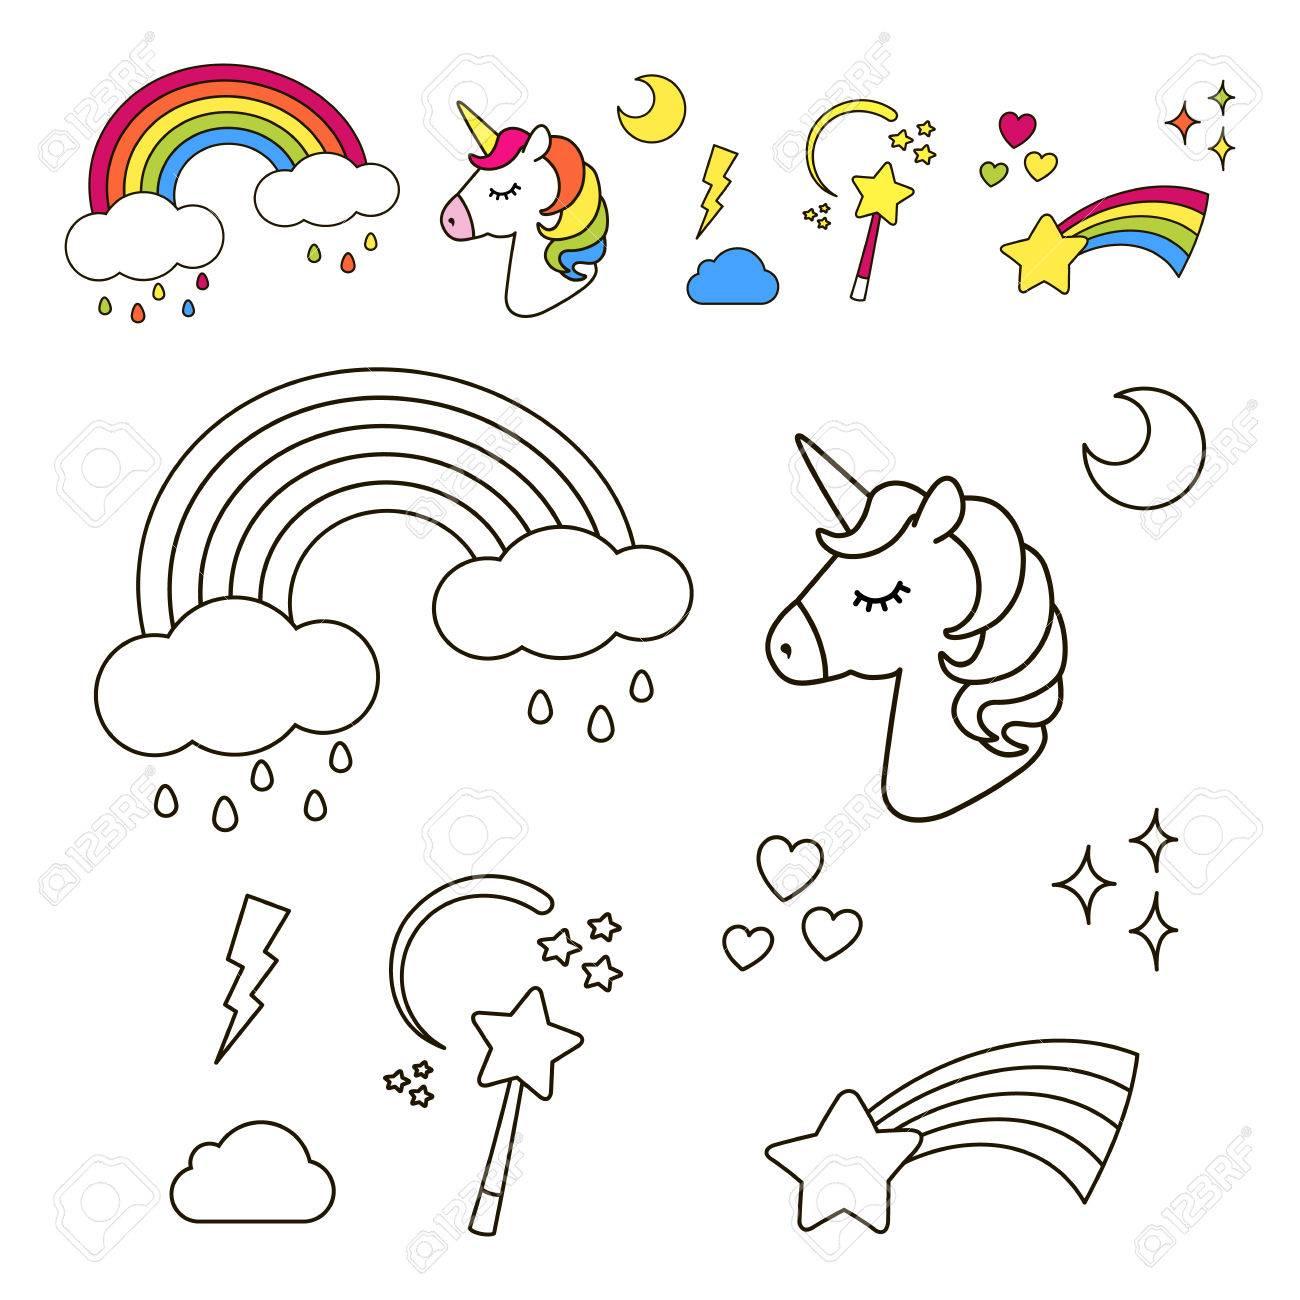 Pegatinas Conjunto Con Unicornio Arco Iris Estrella Nube Varita Mágica Para Niñas Cool Elementos De Decoración Estilo De Historieta Cómica